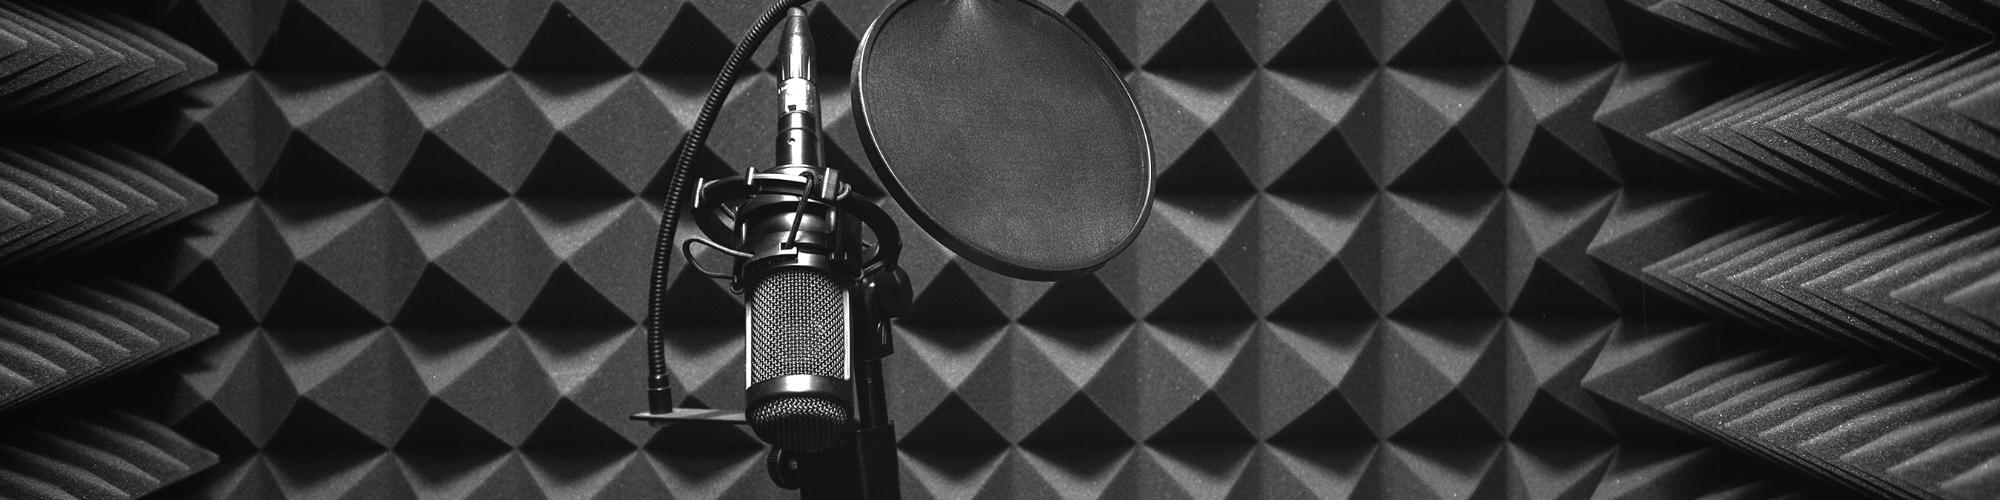 soundproofing foam in recording studio